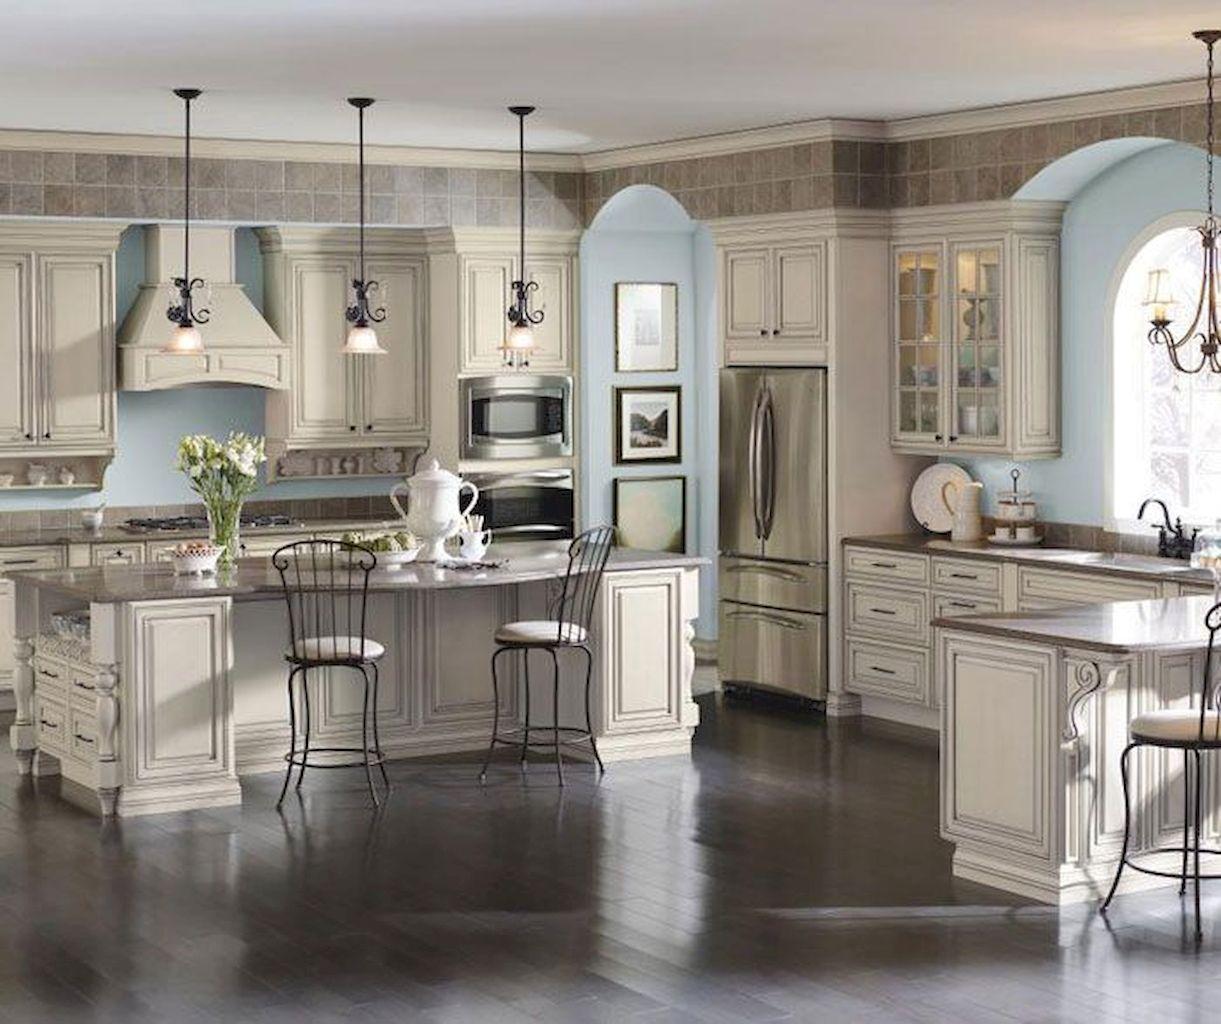 stunning french country kitchen cabinets cream kitchen designs rh pinterest com